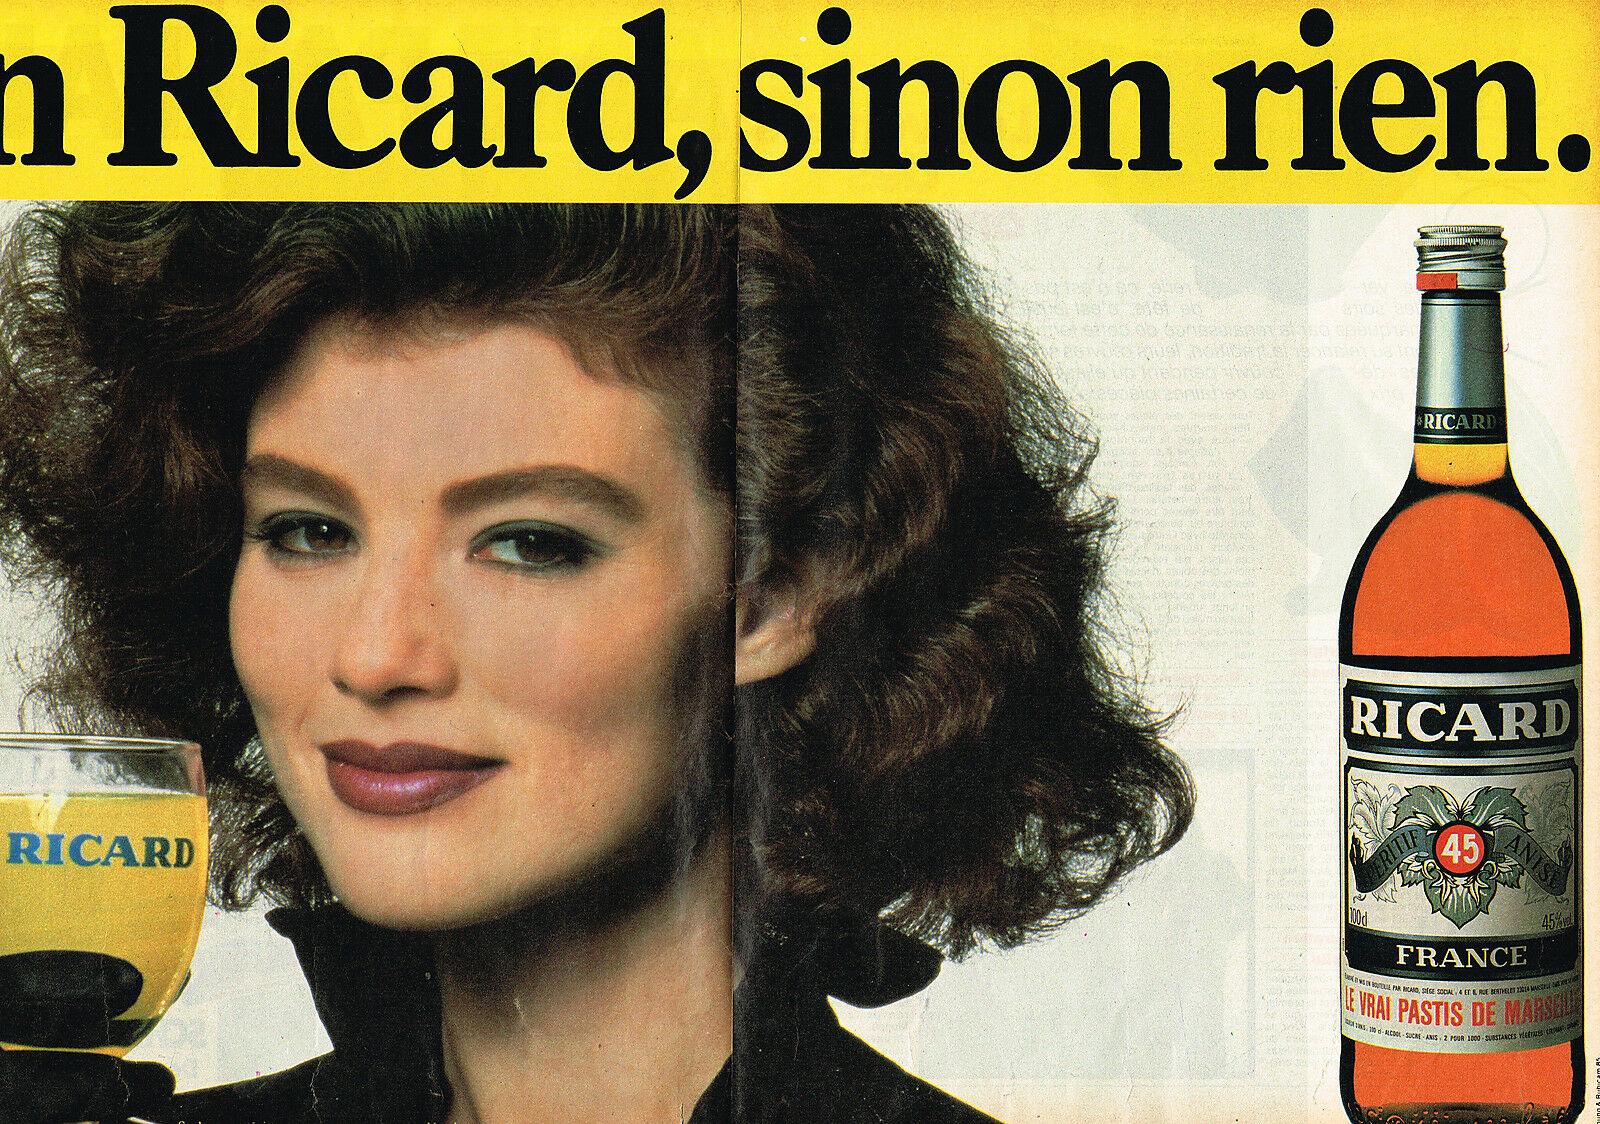 Ricard 1985 Un Ricard sinon rien